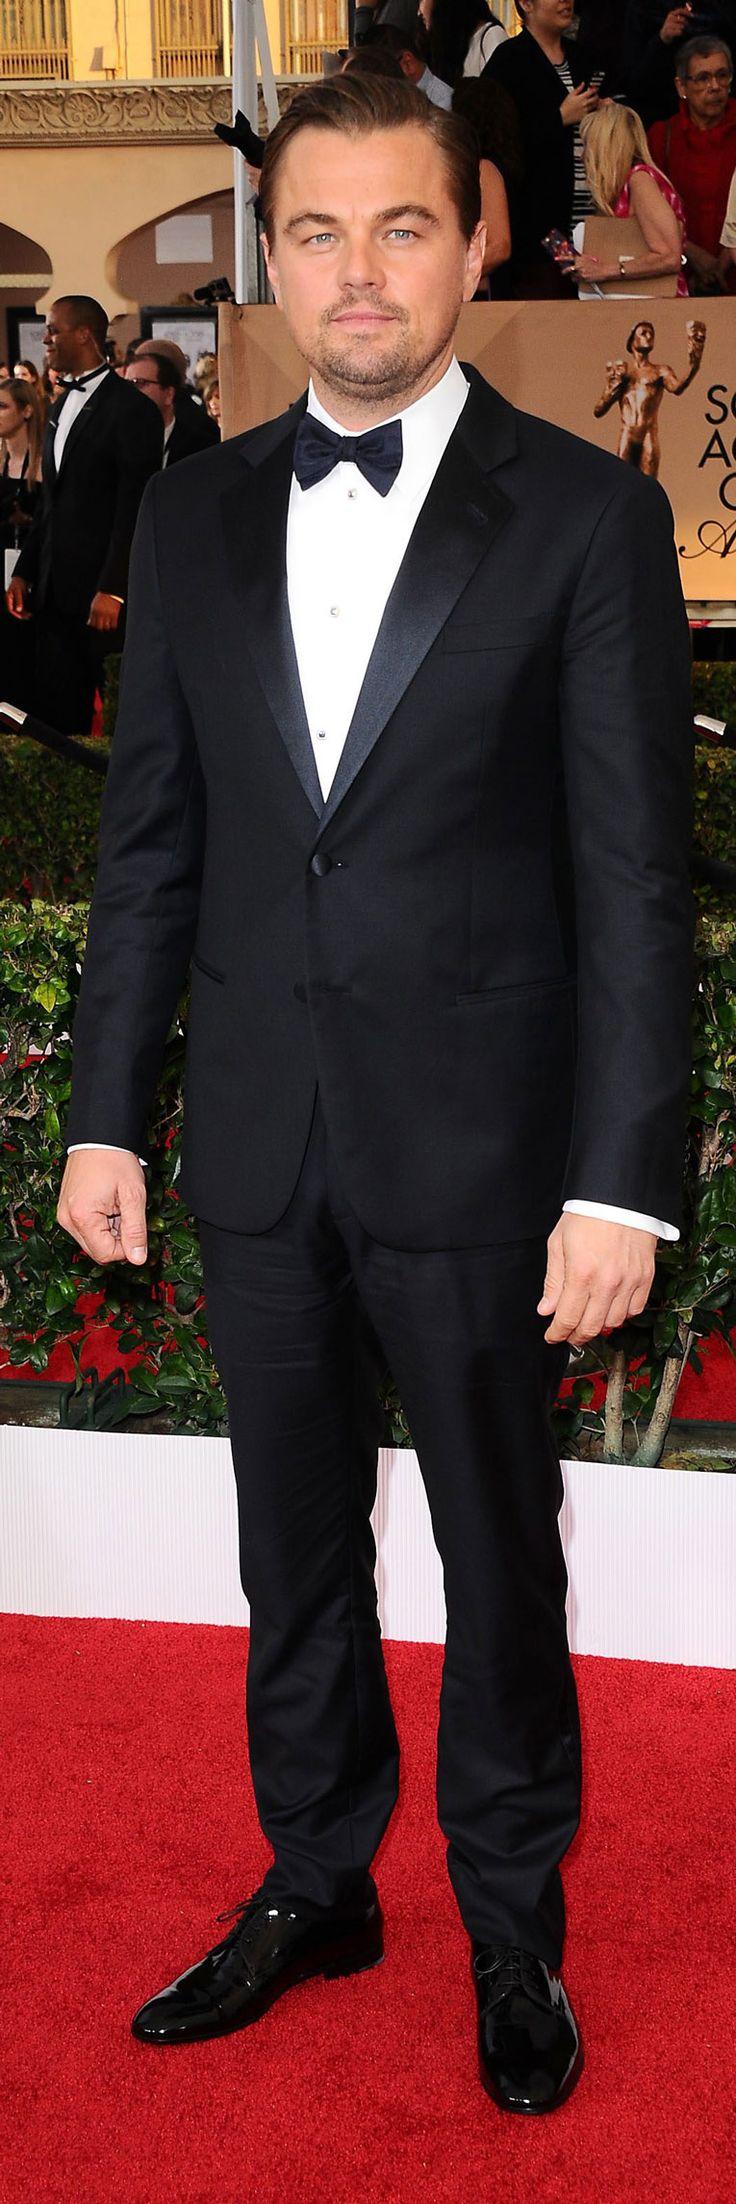 No podemos olvidarnos de Leonardo DiCaprio, el gran esperado de la noche de los  #SAGawards . DiCapario lució un peinado hacia atrás con un sutil volumen, gracias al uso de ceras y arcillas. #SalermHairStyle #SAGawards #SAGawards2016 #Hollywood